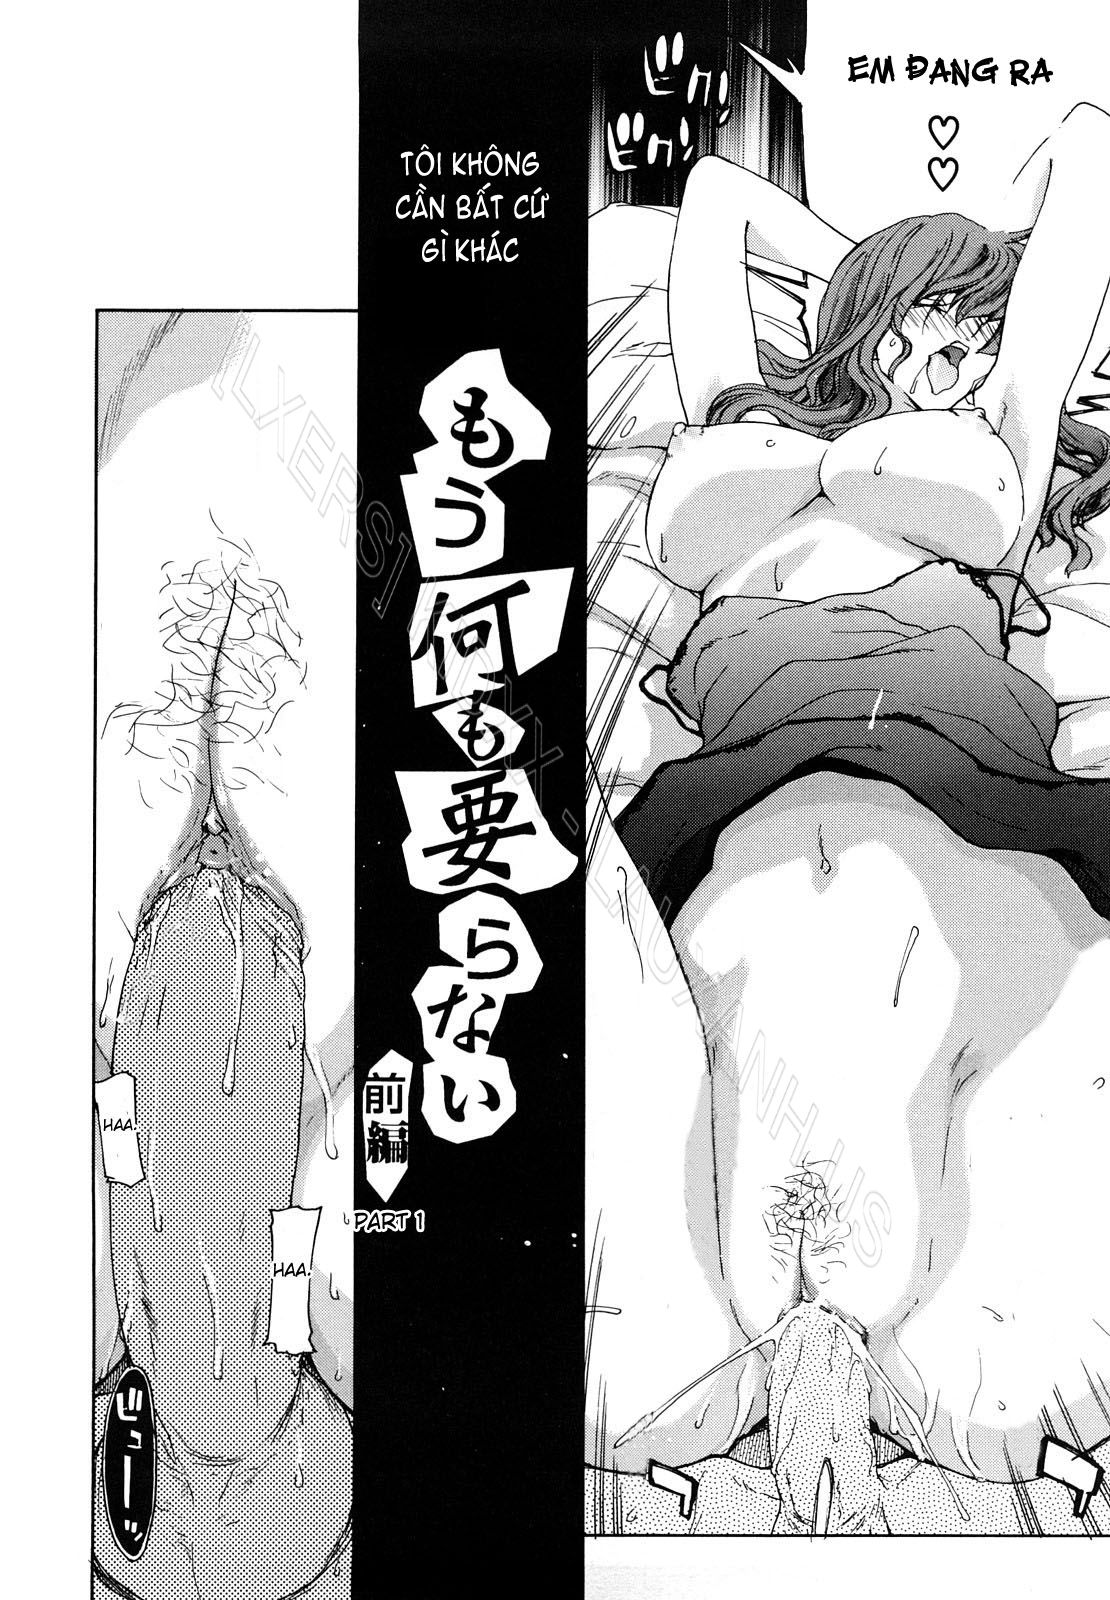 Hình ảnh Hinh_002 trong bài viết Bú Cặc trong phòng thay đồ Full màu không che